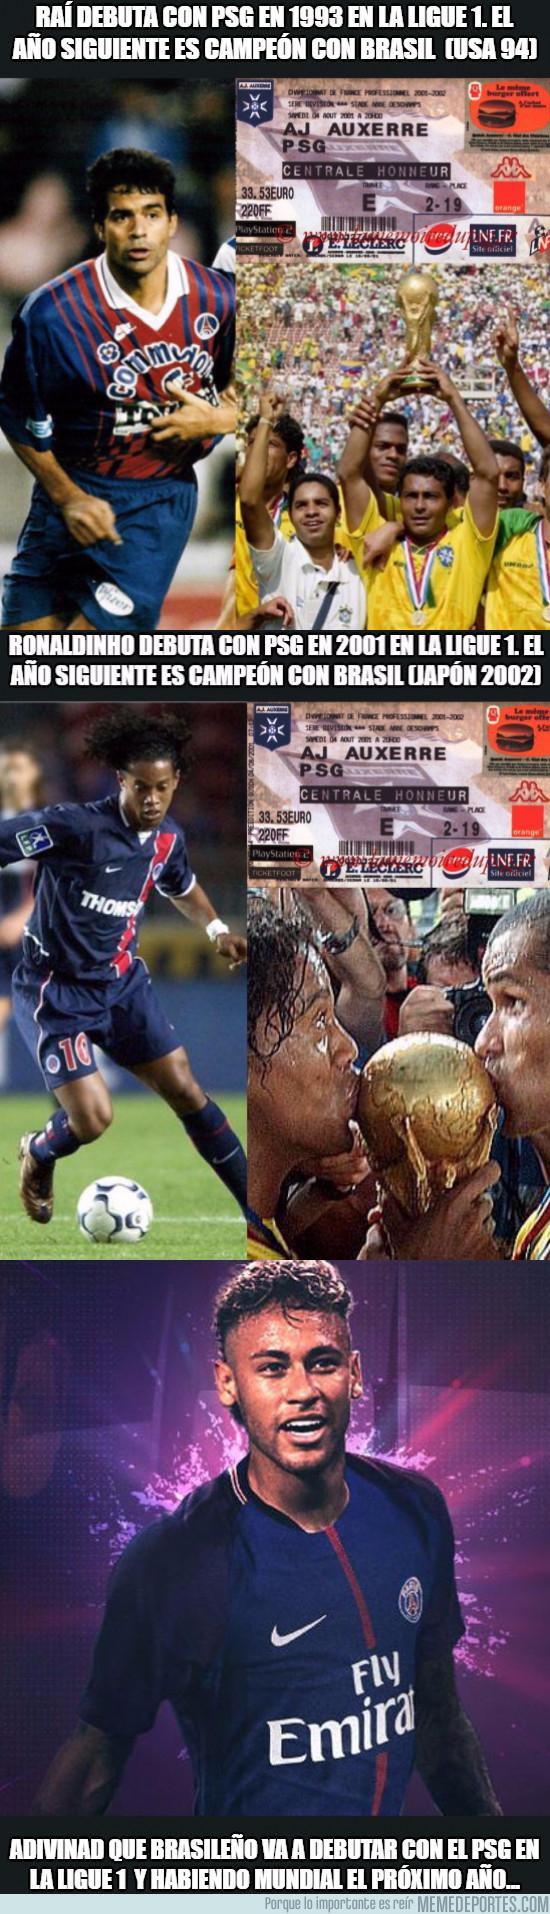 991549 - La curiosa coincidencia de los jugadores brasileños que fichan por el PSG